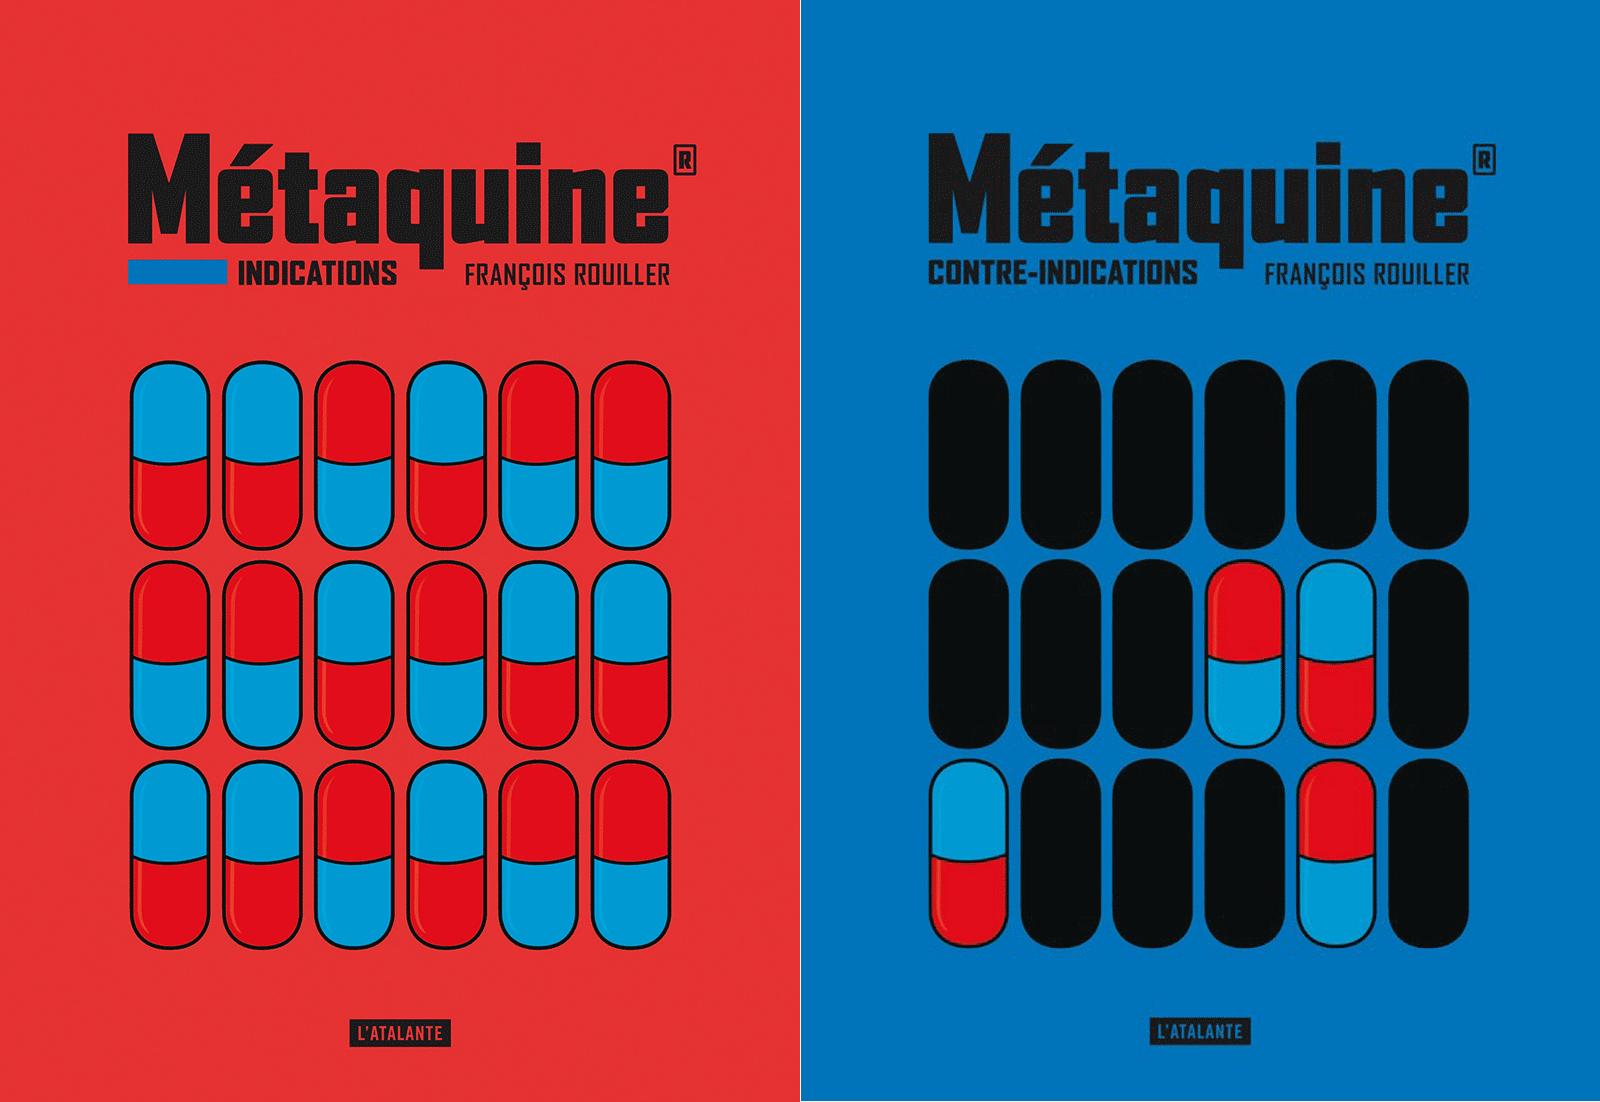 « Métaquine® », de François Rouiller